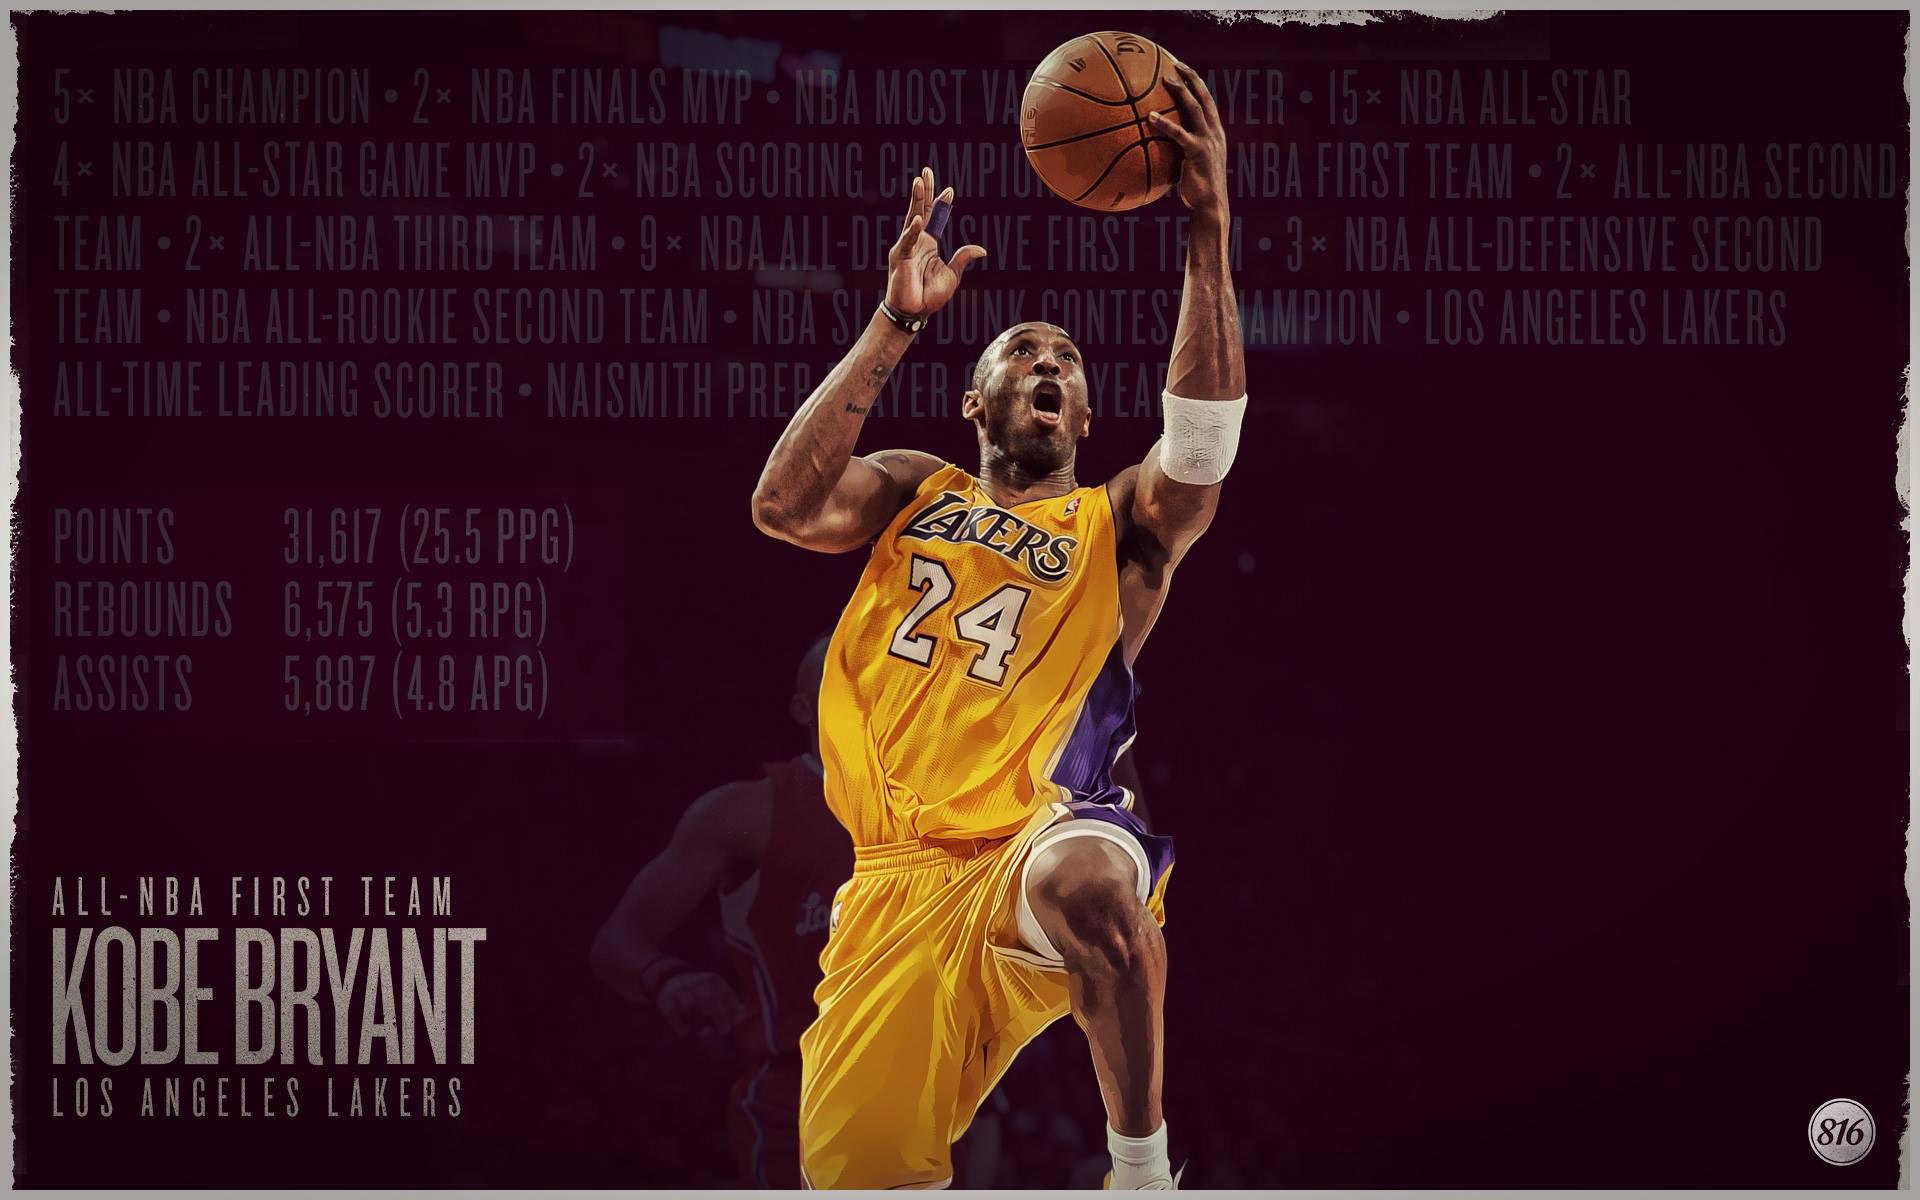 Kobe Bryant Wallpapers 2014 – WallpaperSafari